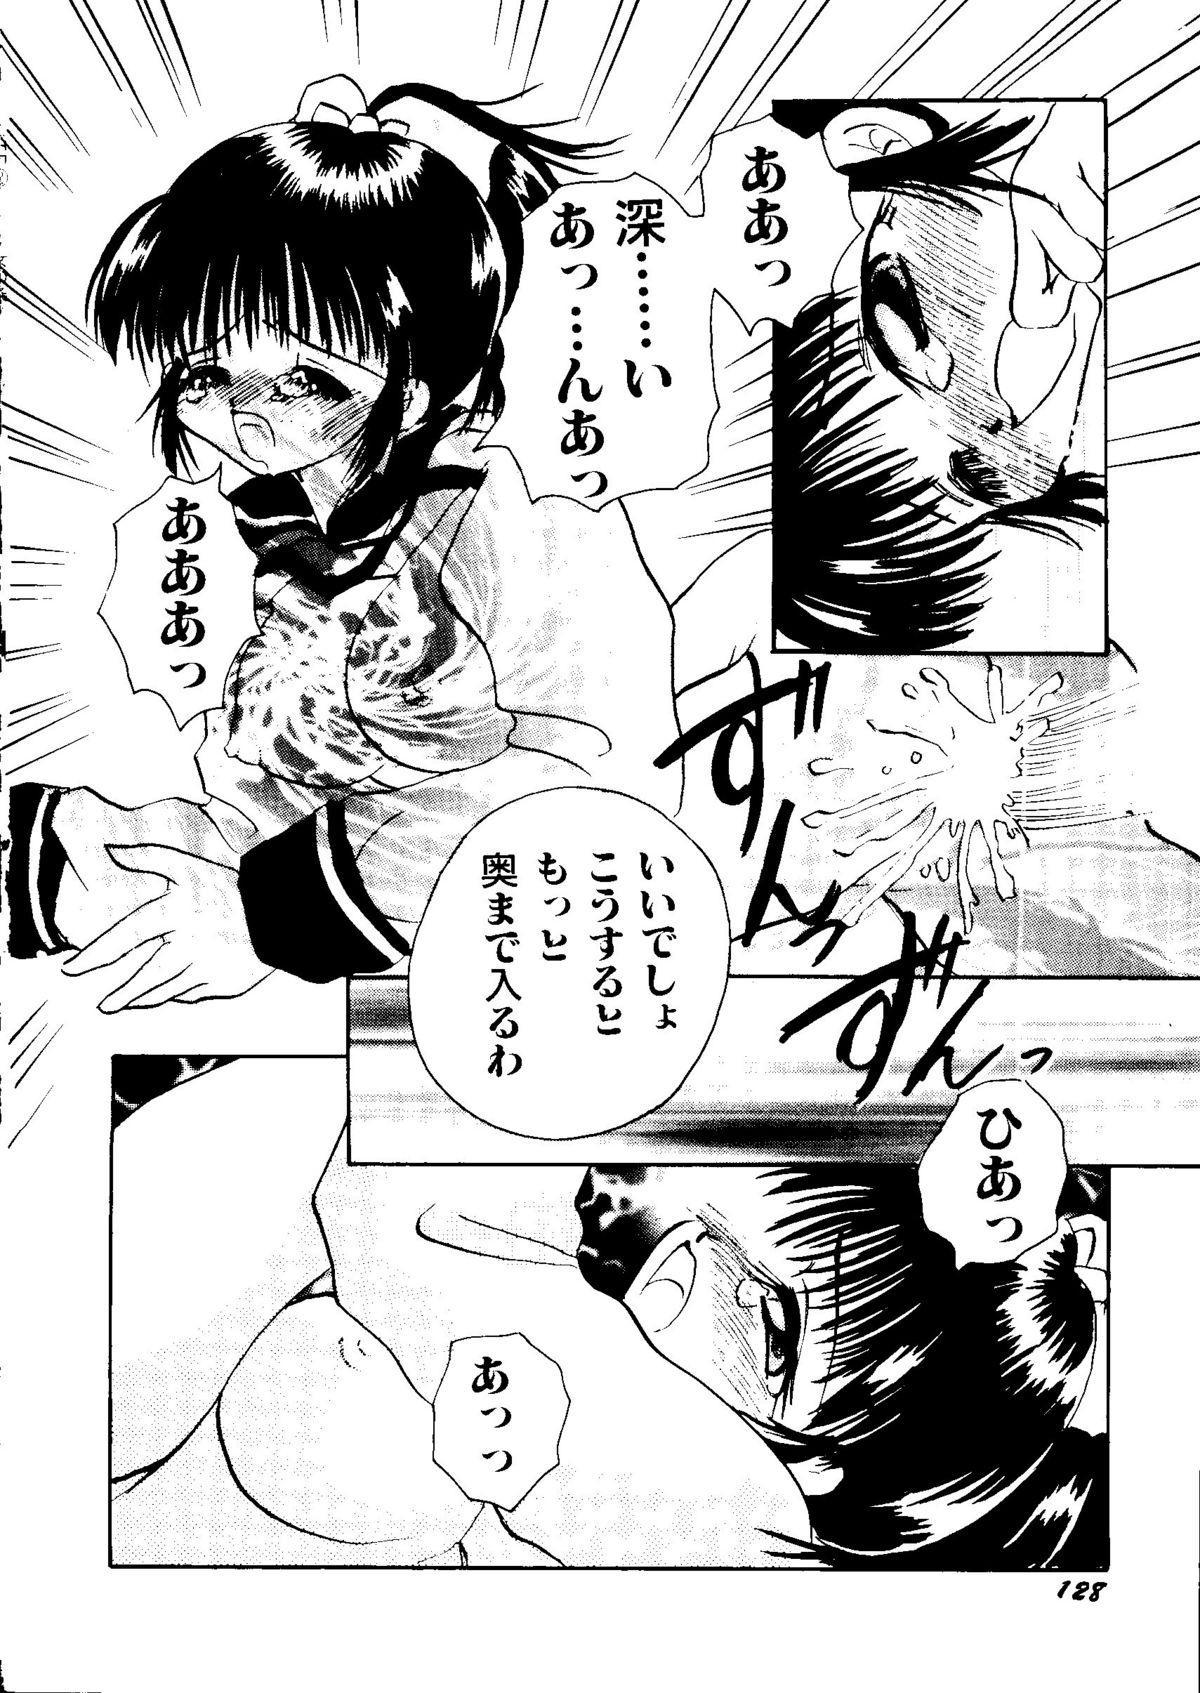 Bishoujo Doujinshi Anthology Cute 2 129